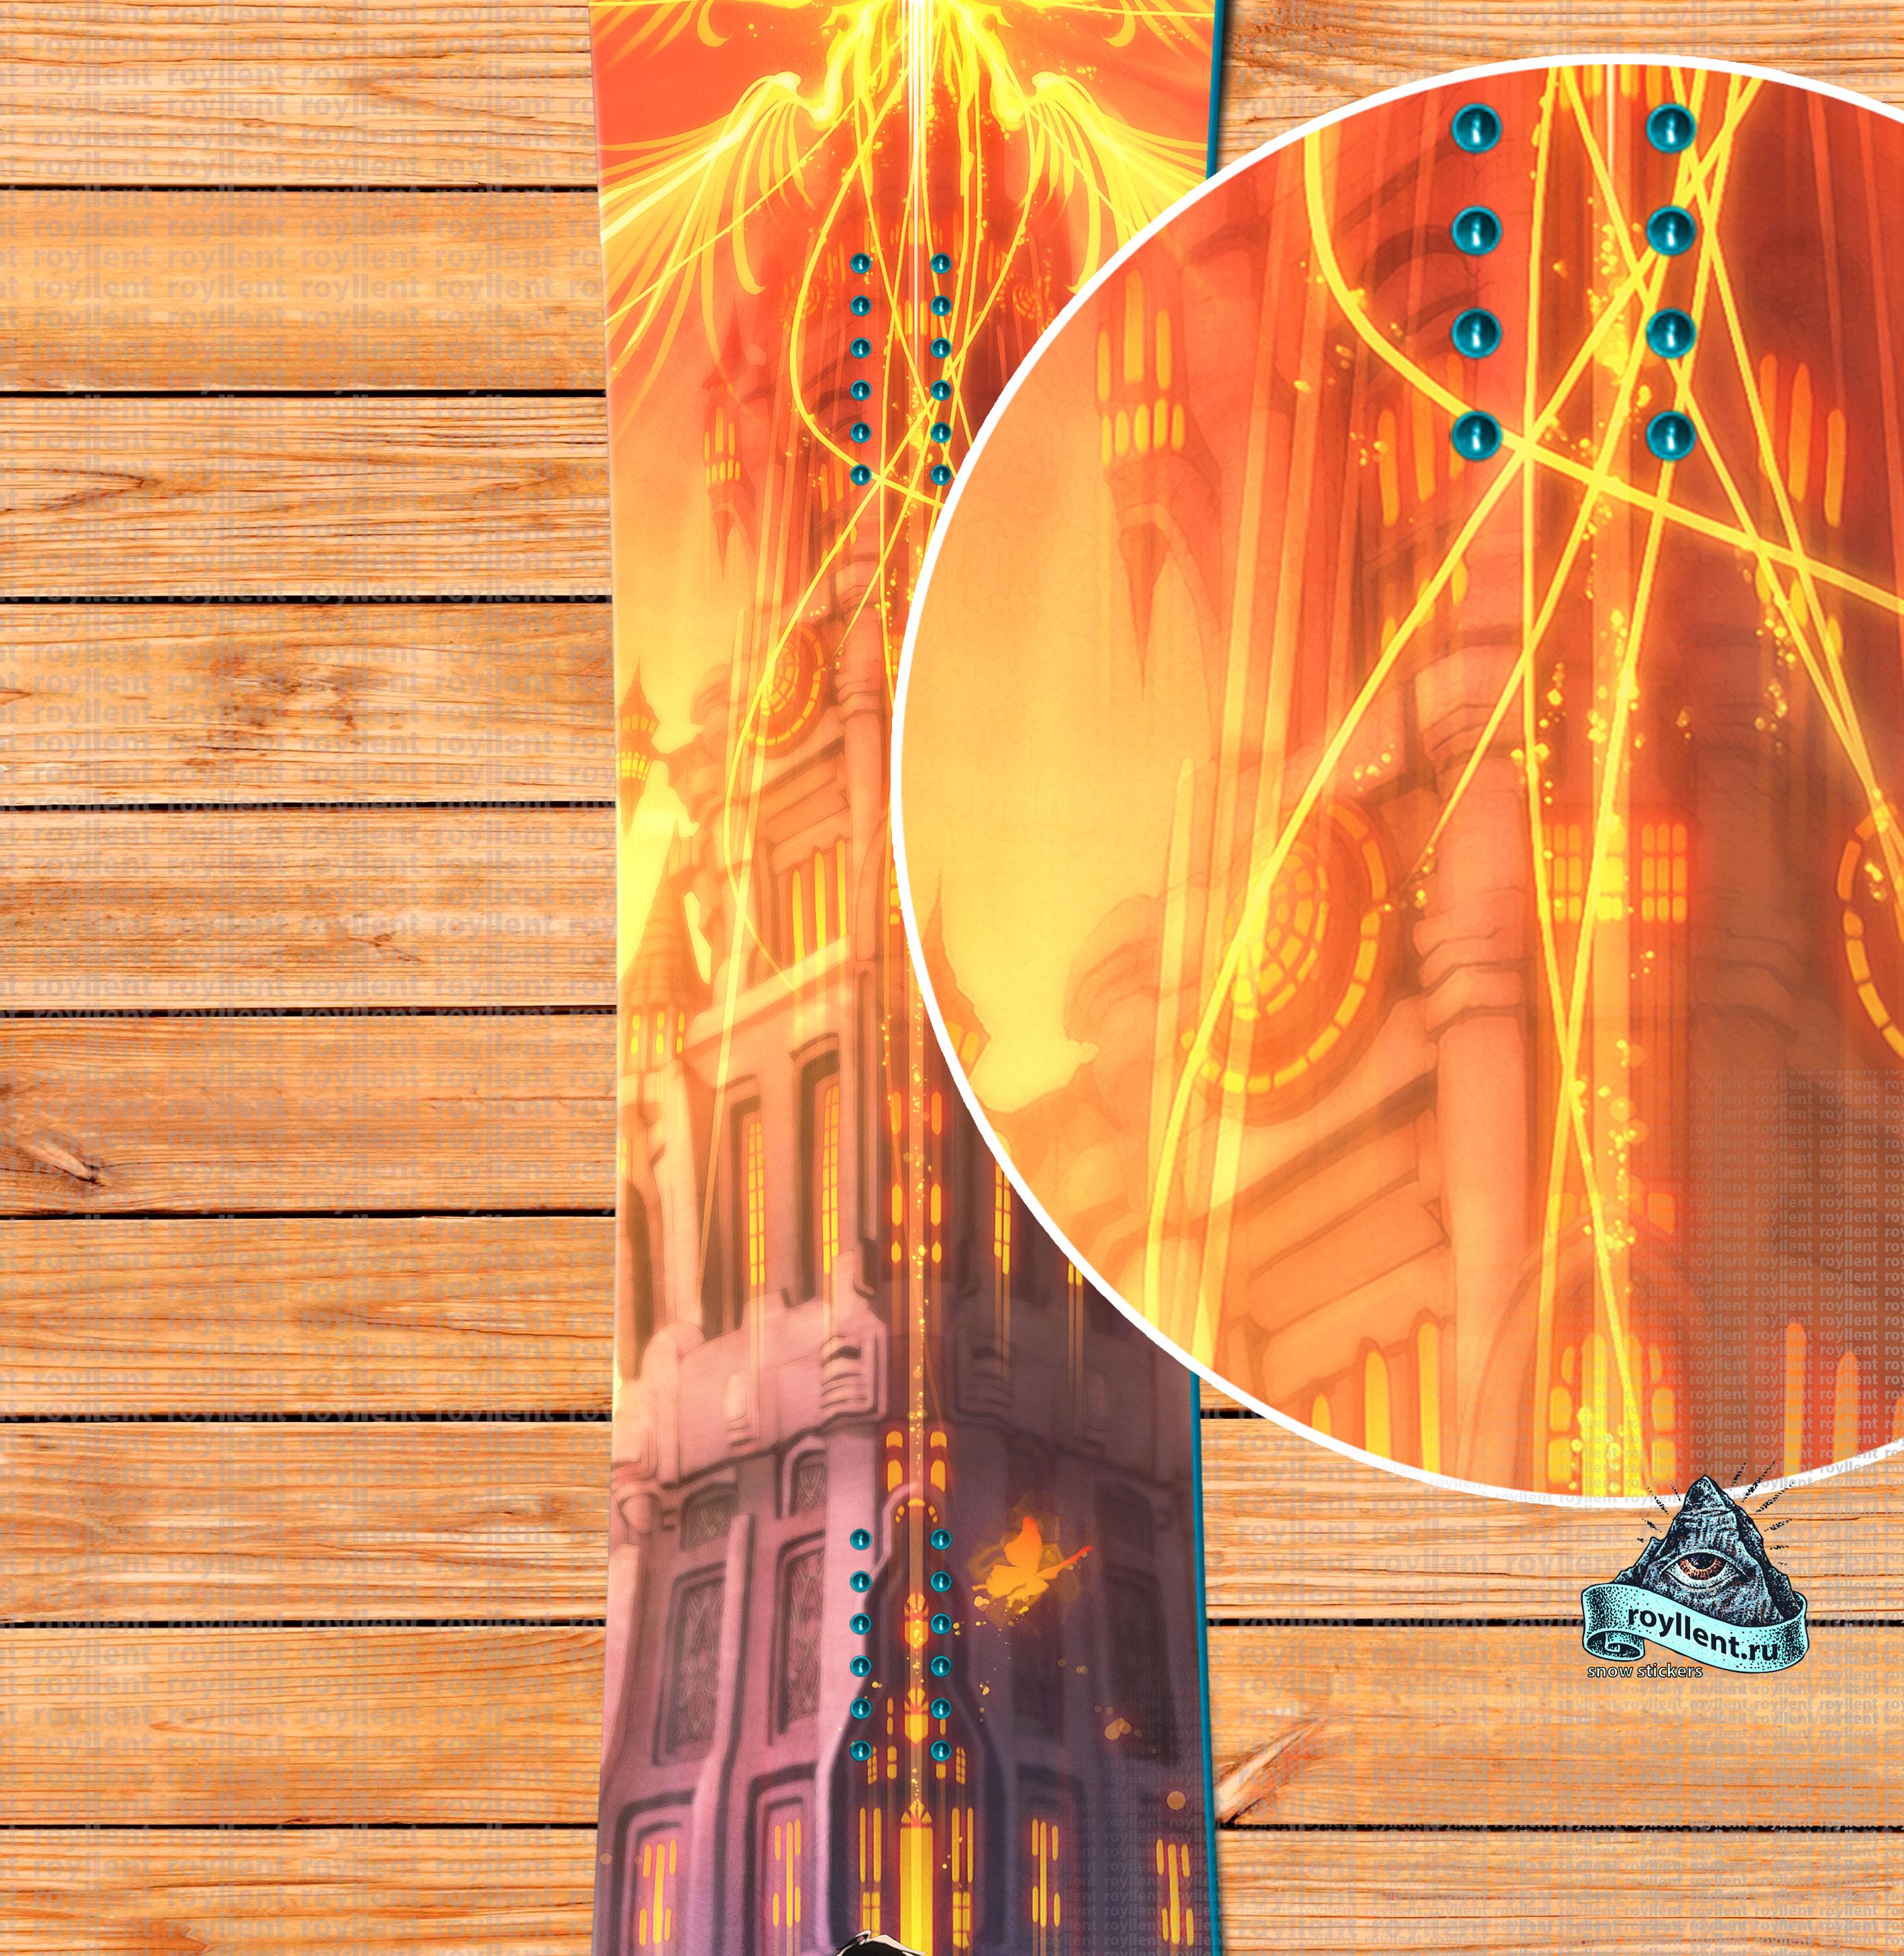 Наклейка Legend of Heroes Trails of Cold Steel II sticker, наклейка виниловая Legend of Heroes , наклейка на доскуLegend of Heroes , сноуборд наклейка Legend of Heroes , виниловый стикер Legend of Heroes , магазин наклеек Legend of Heroes, купить наклейку Legend of Heroes, стикерLegend of Heroes, sticker Legend of Heroes, наклейка, Полноразмерная наклейка на сноуборд, спб